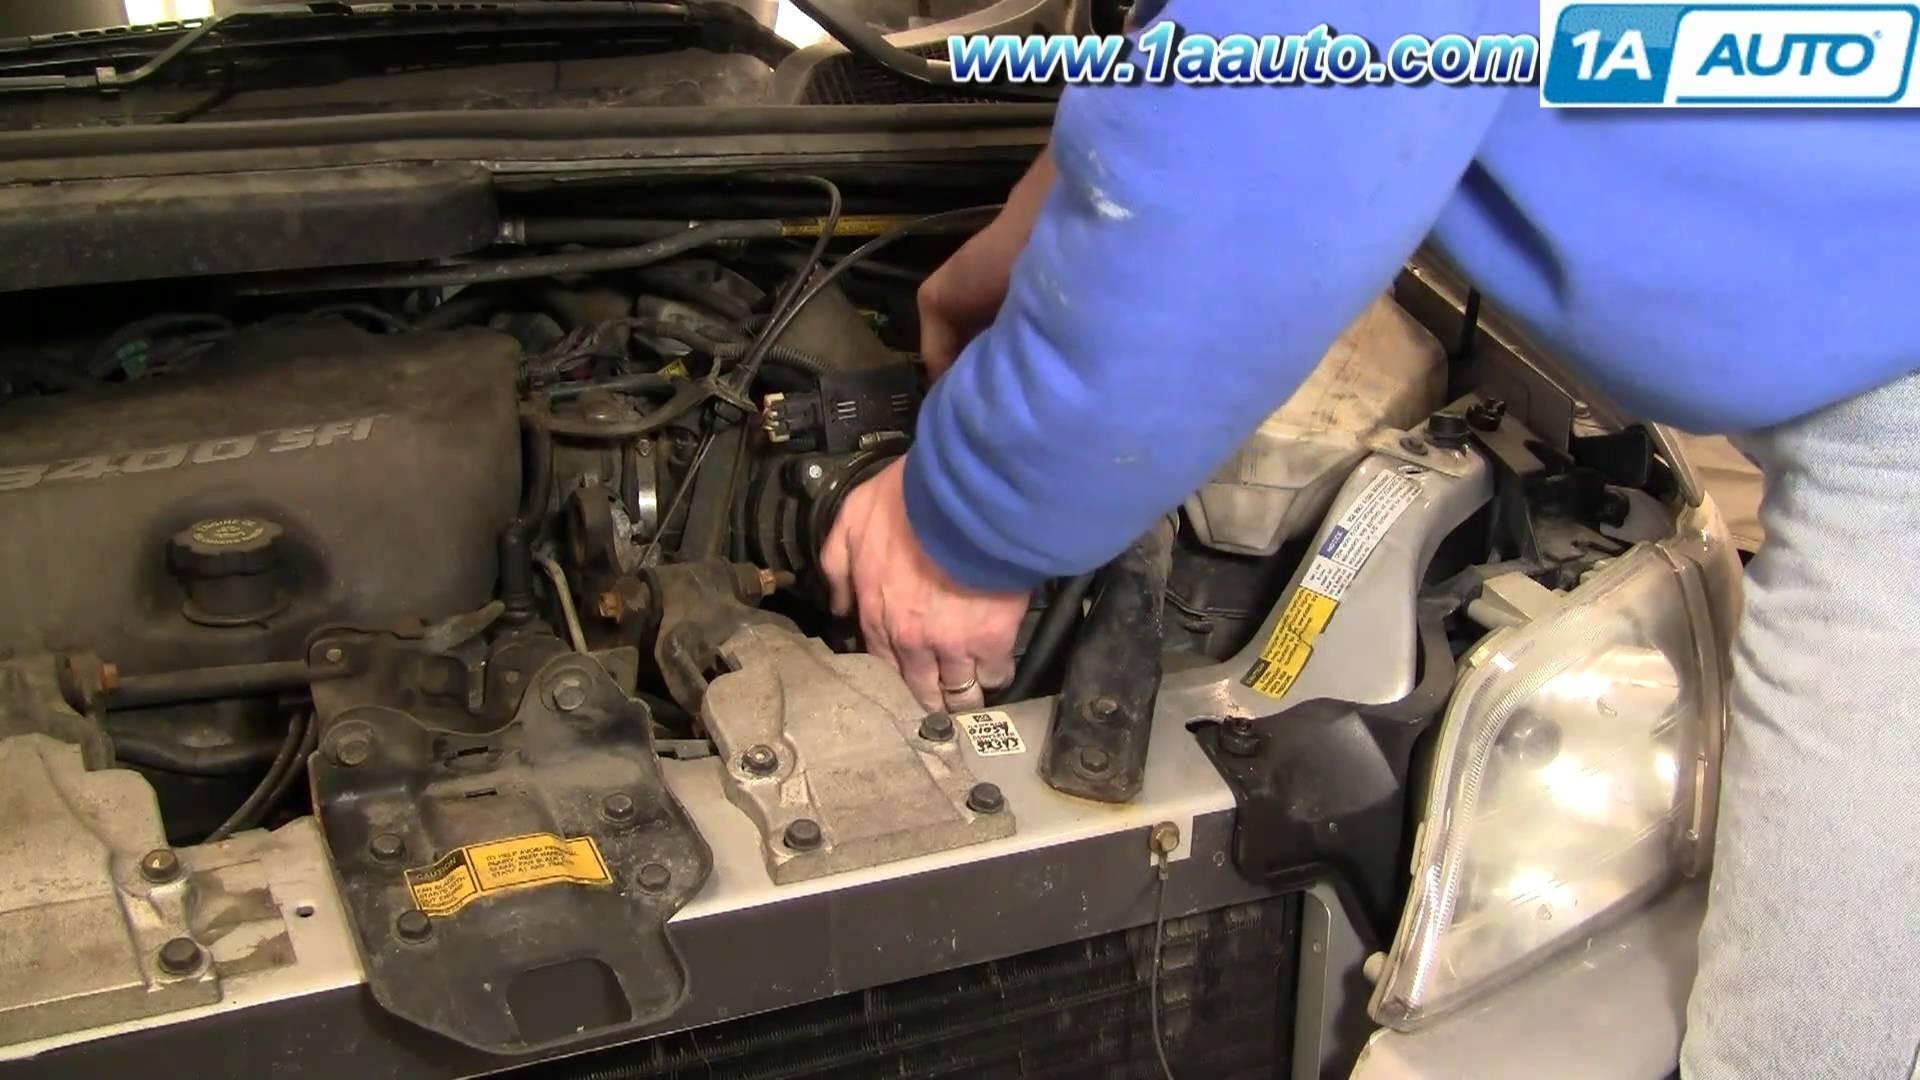 Chevy Venture Engine Diagram How to Install Replace Air Filter Chevy Venture Pontiac Montana 97 Of Chevy Venture Engine Diagram